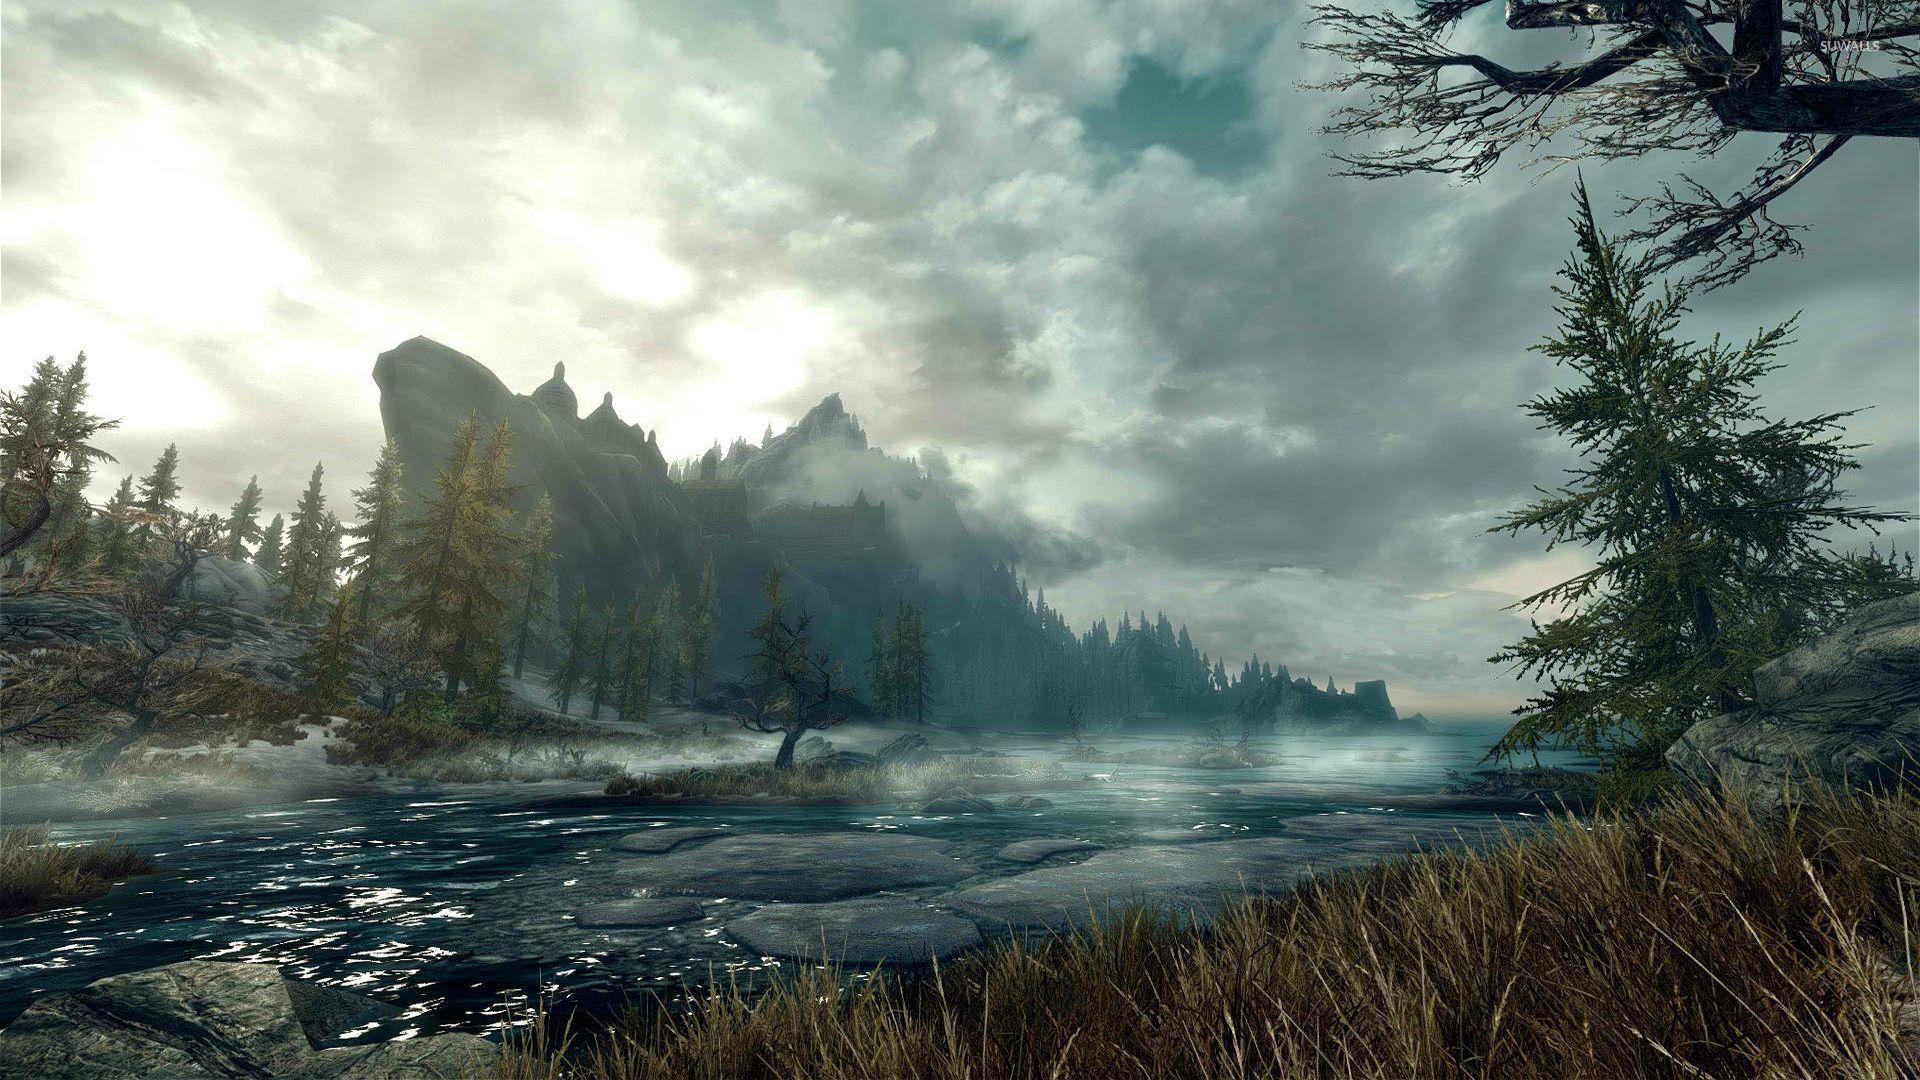 общем картинки пейзаж скайрима возвышенная приподнятая часть